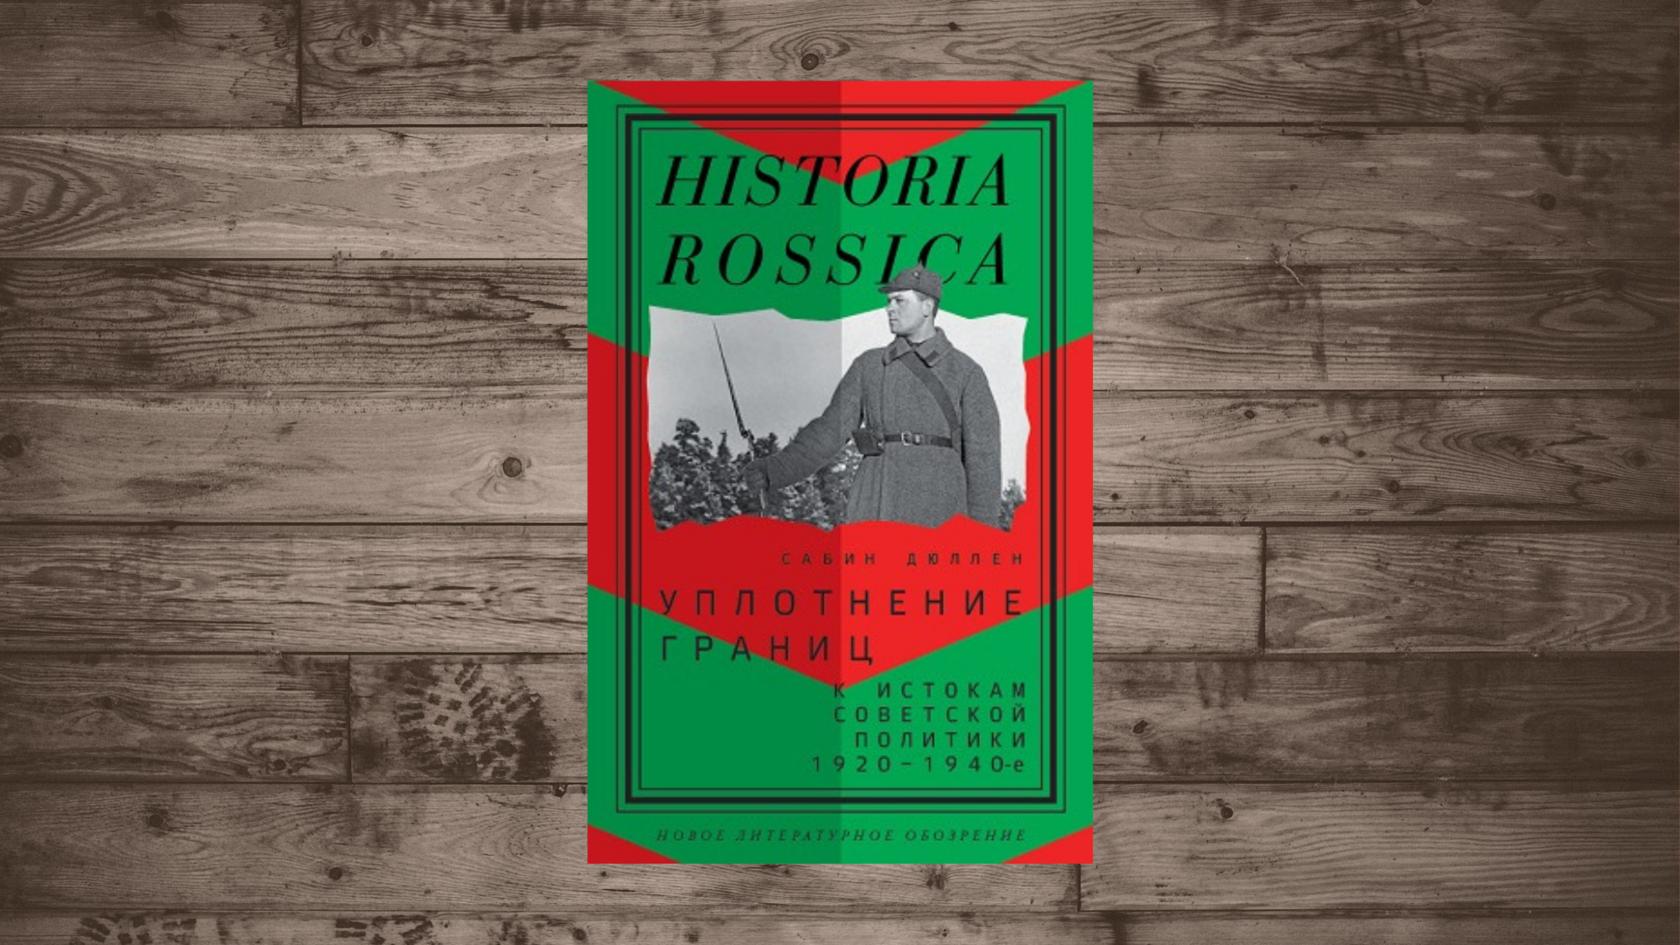 Купить книгу Сабин Дюллен «Уплотнение границ. К истокам советской политики. 1920–1940-е»